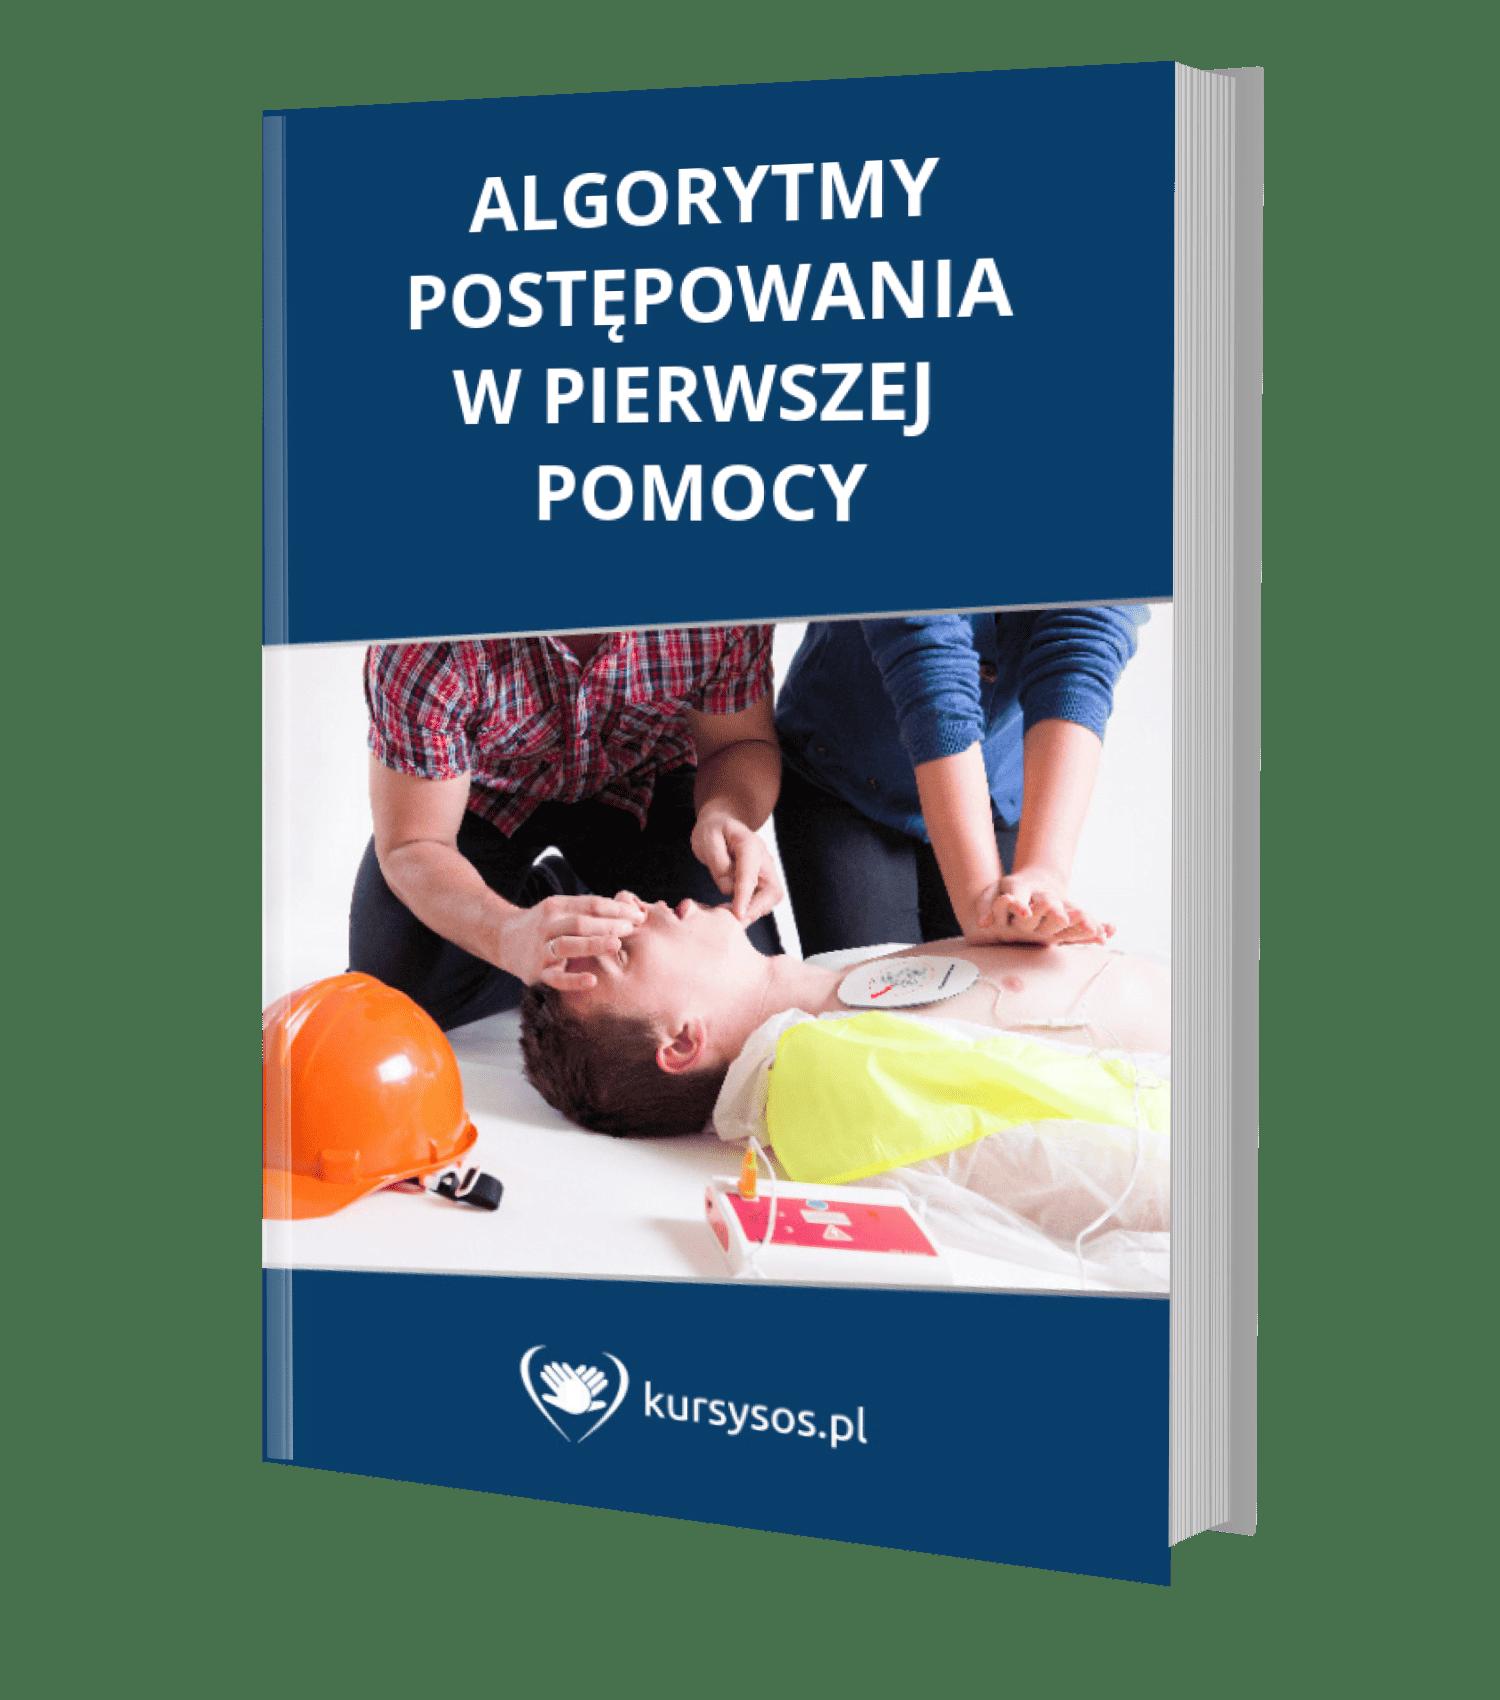 algorytmy postępowania w pierwszej pomocy